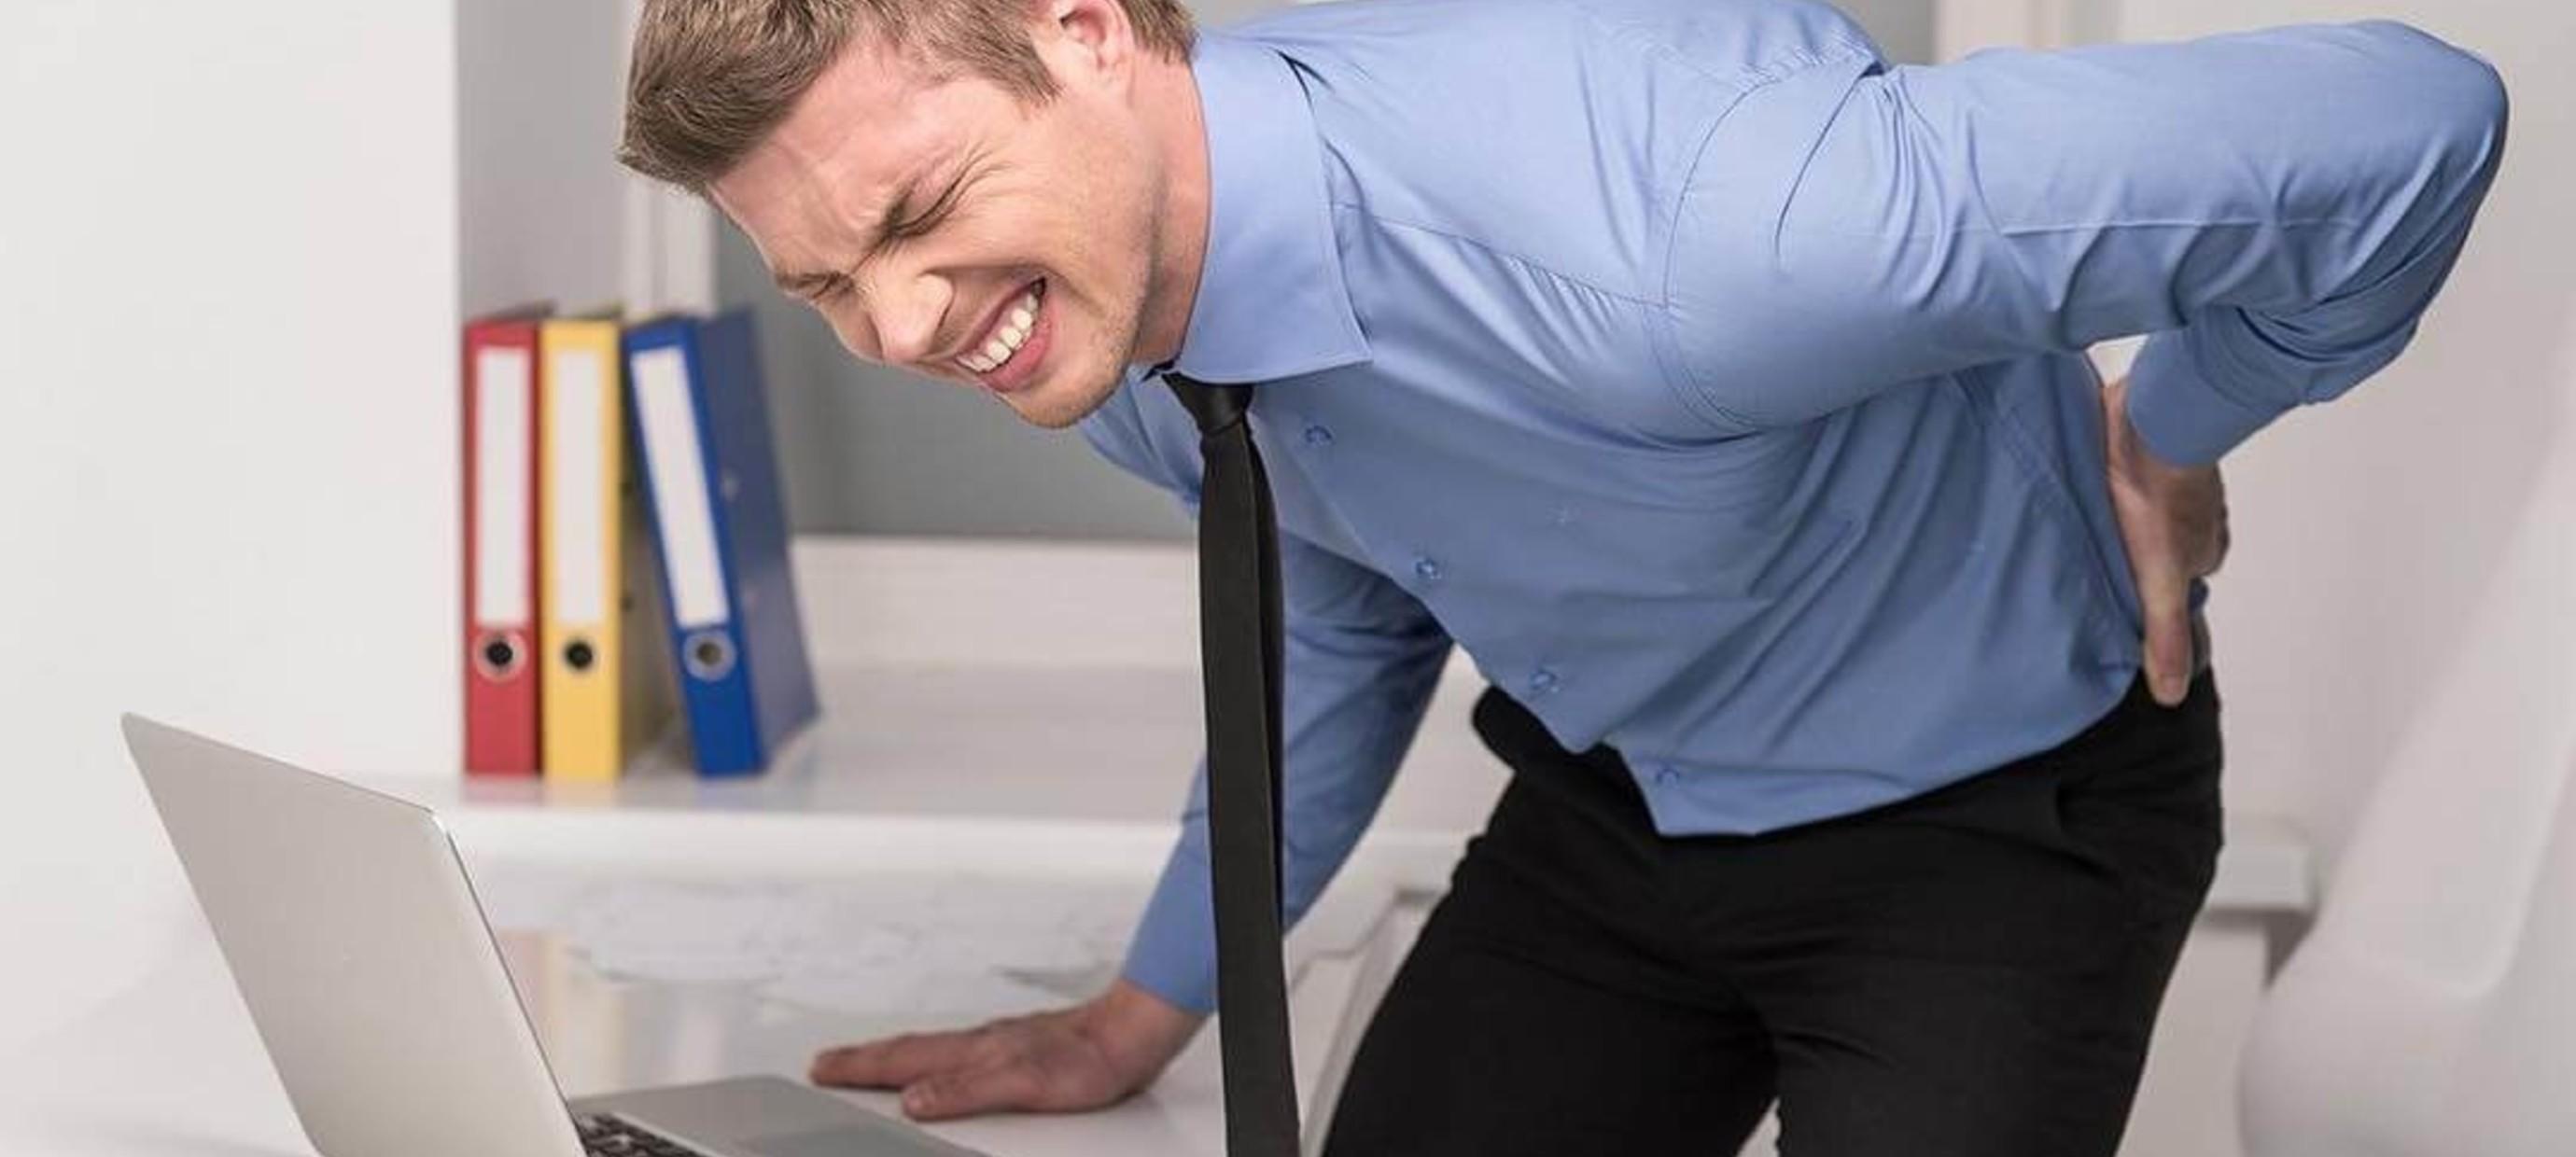 Les physiothérapeutes constatent une augmentation du nombre de plaintes des travailleurs à domicile.